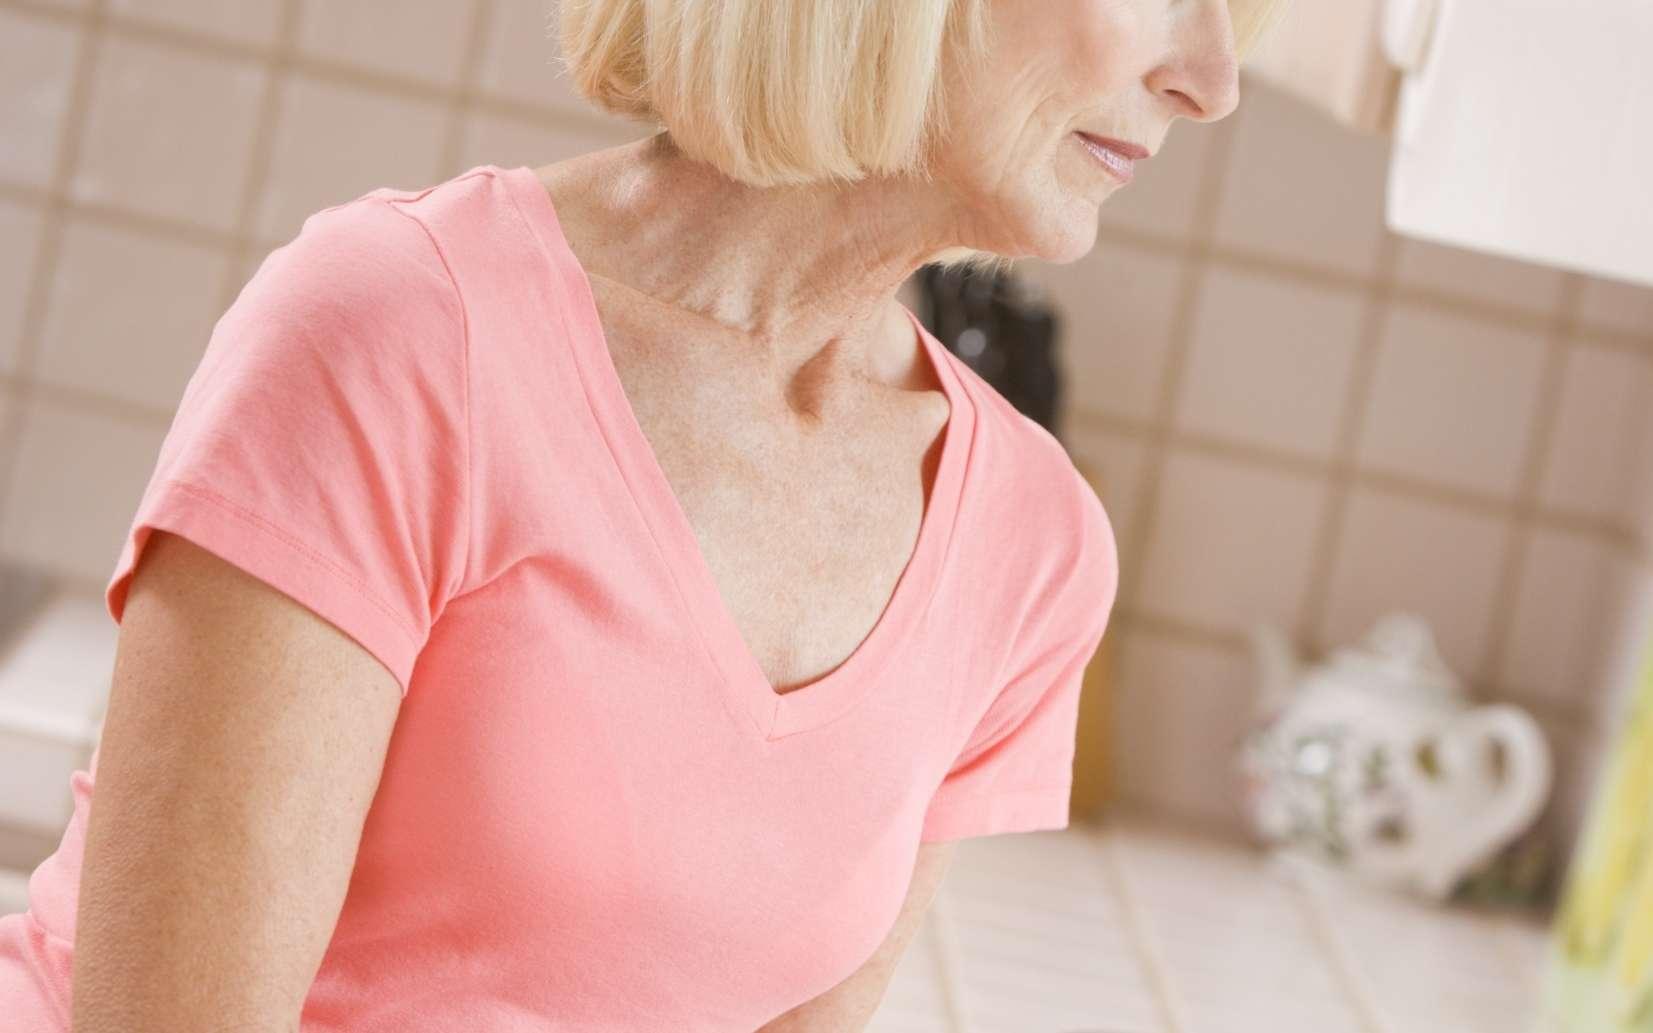 Les patients souffrant de Toc « laveurs » ressentent un besoin irrépressible de nettoyer leur environnement. © Phovoir